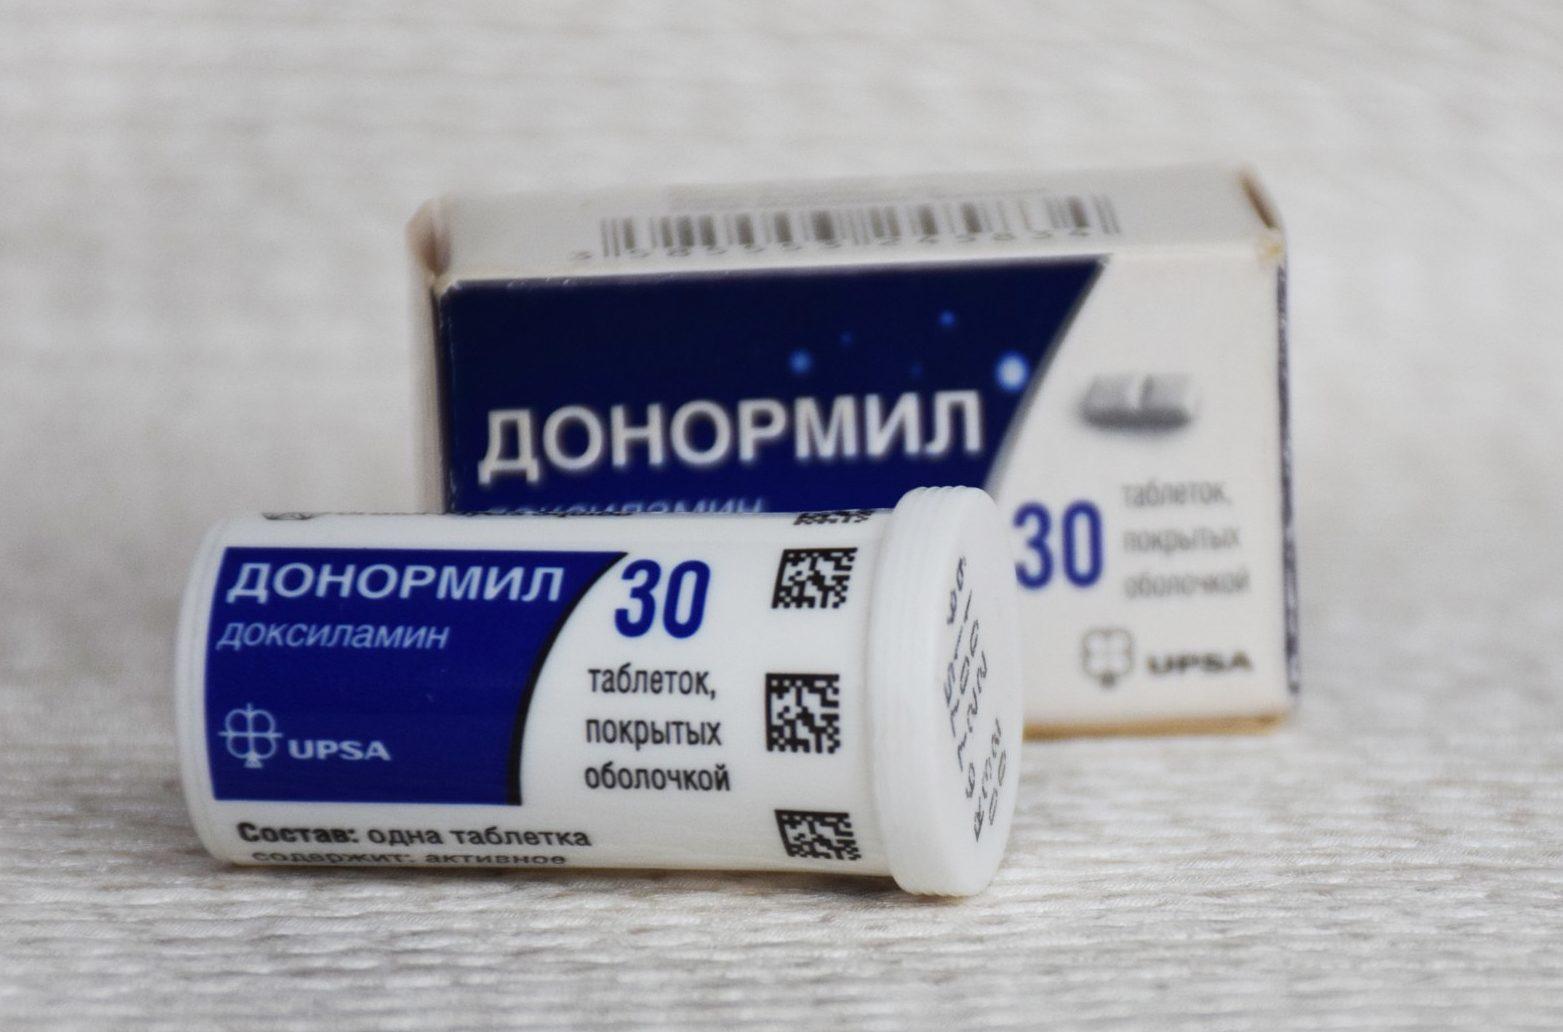 instruktsiya-po-primeneniyu-tabletki-vzroslym